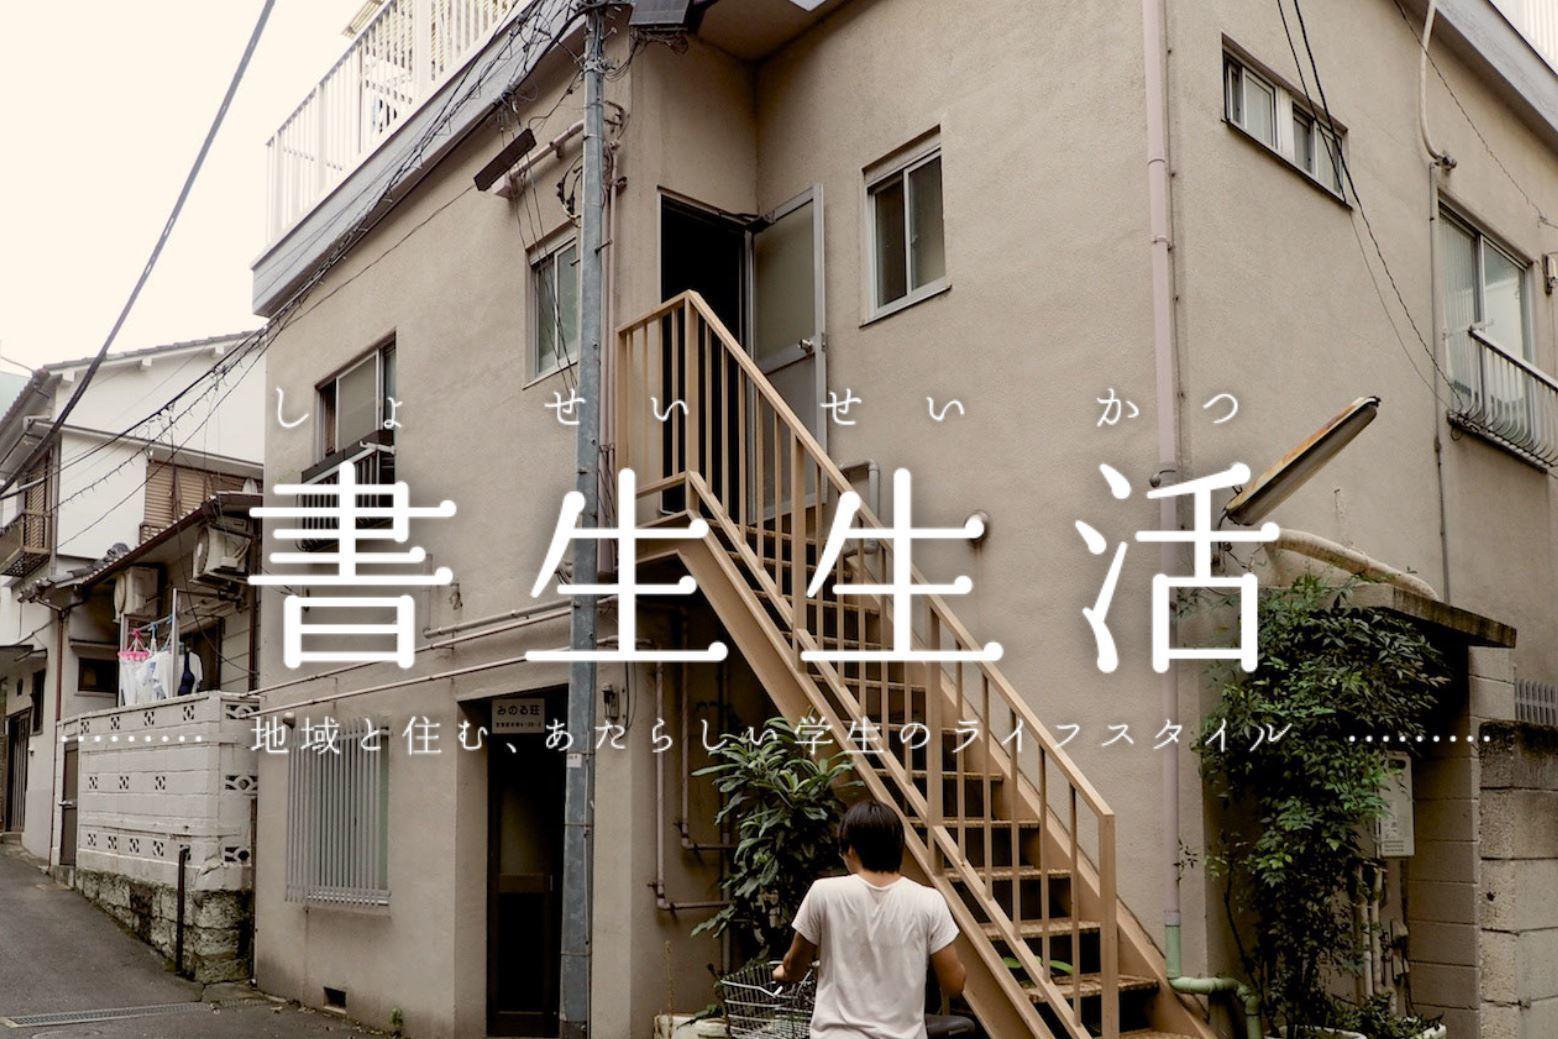 お手伝いしながら東京の一等地に3万円台で住む。地域と暮らす「書生生活」